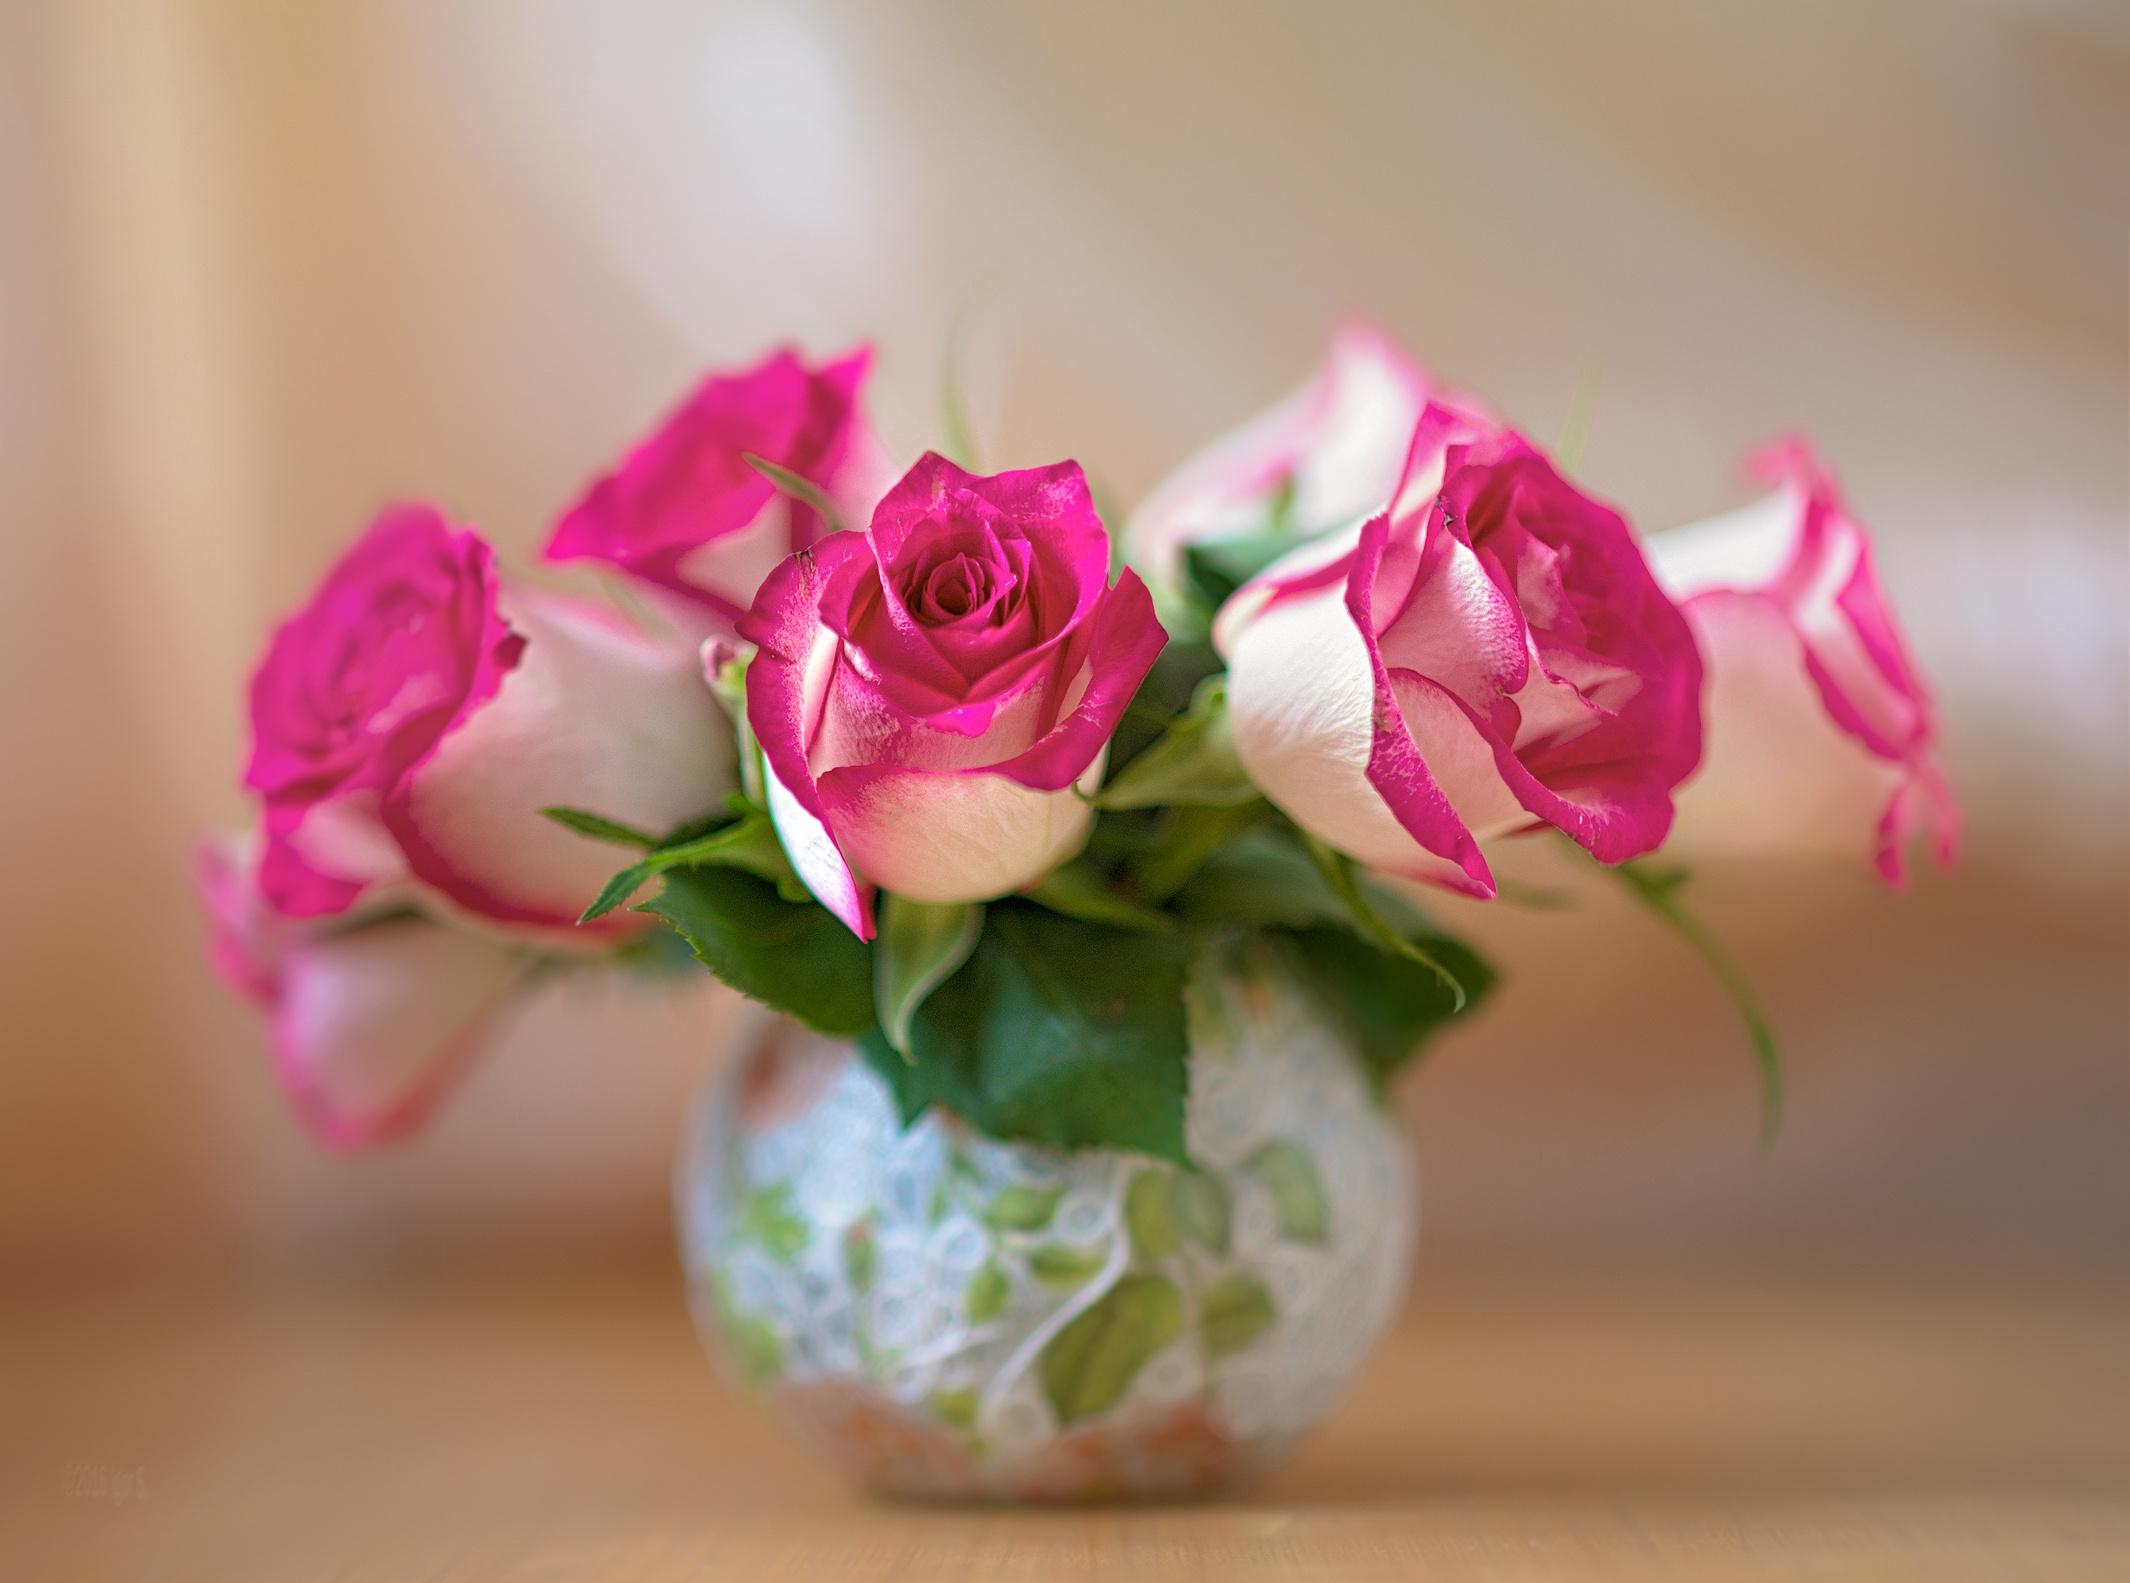 розы цветы ваза  № 1332560 без смс